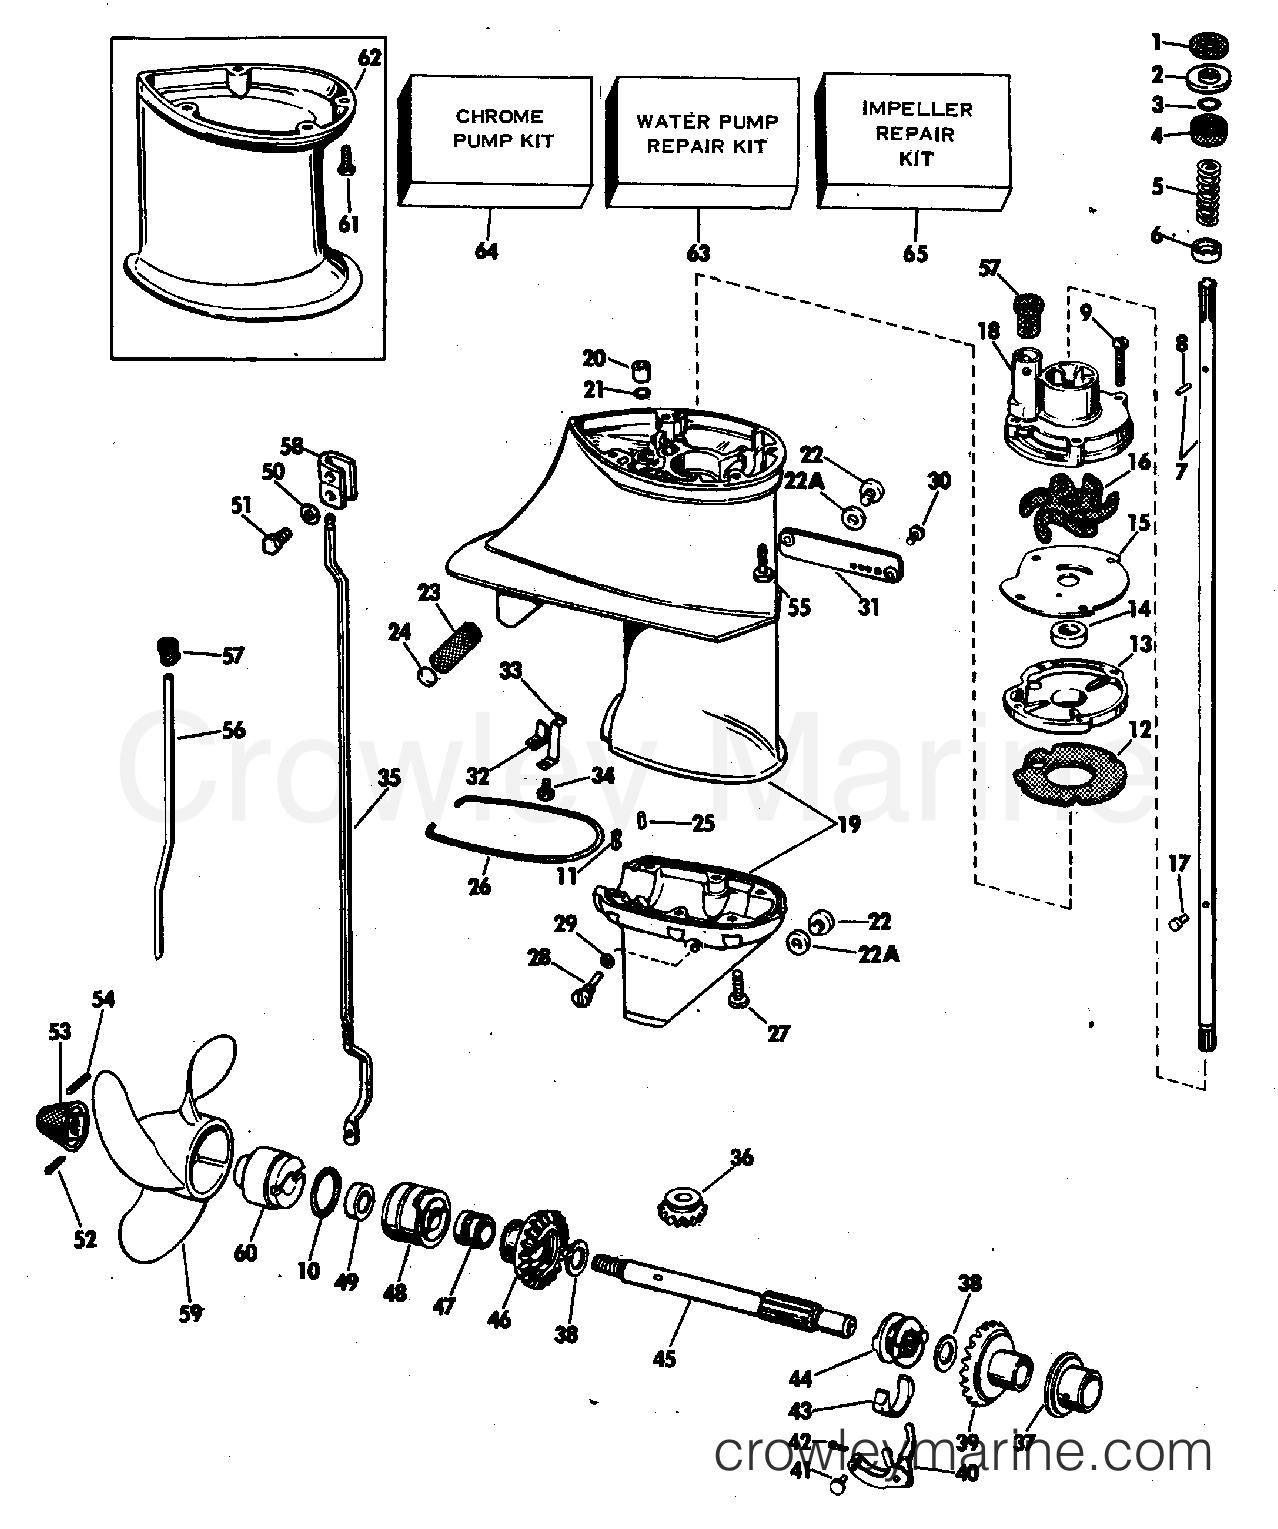 1978 Evinrude Outboard Boat Repair